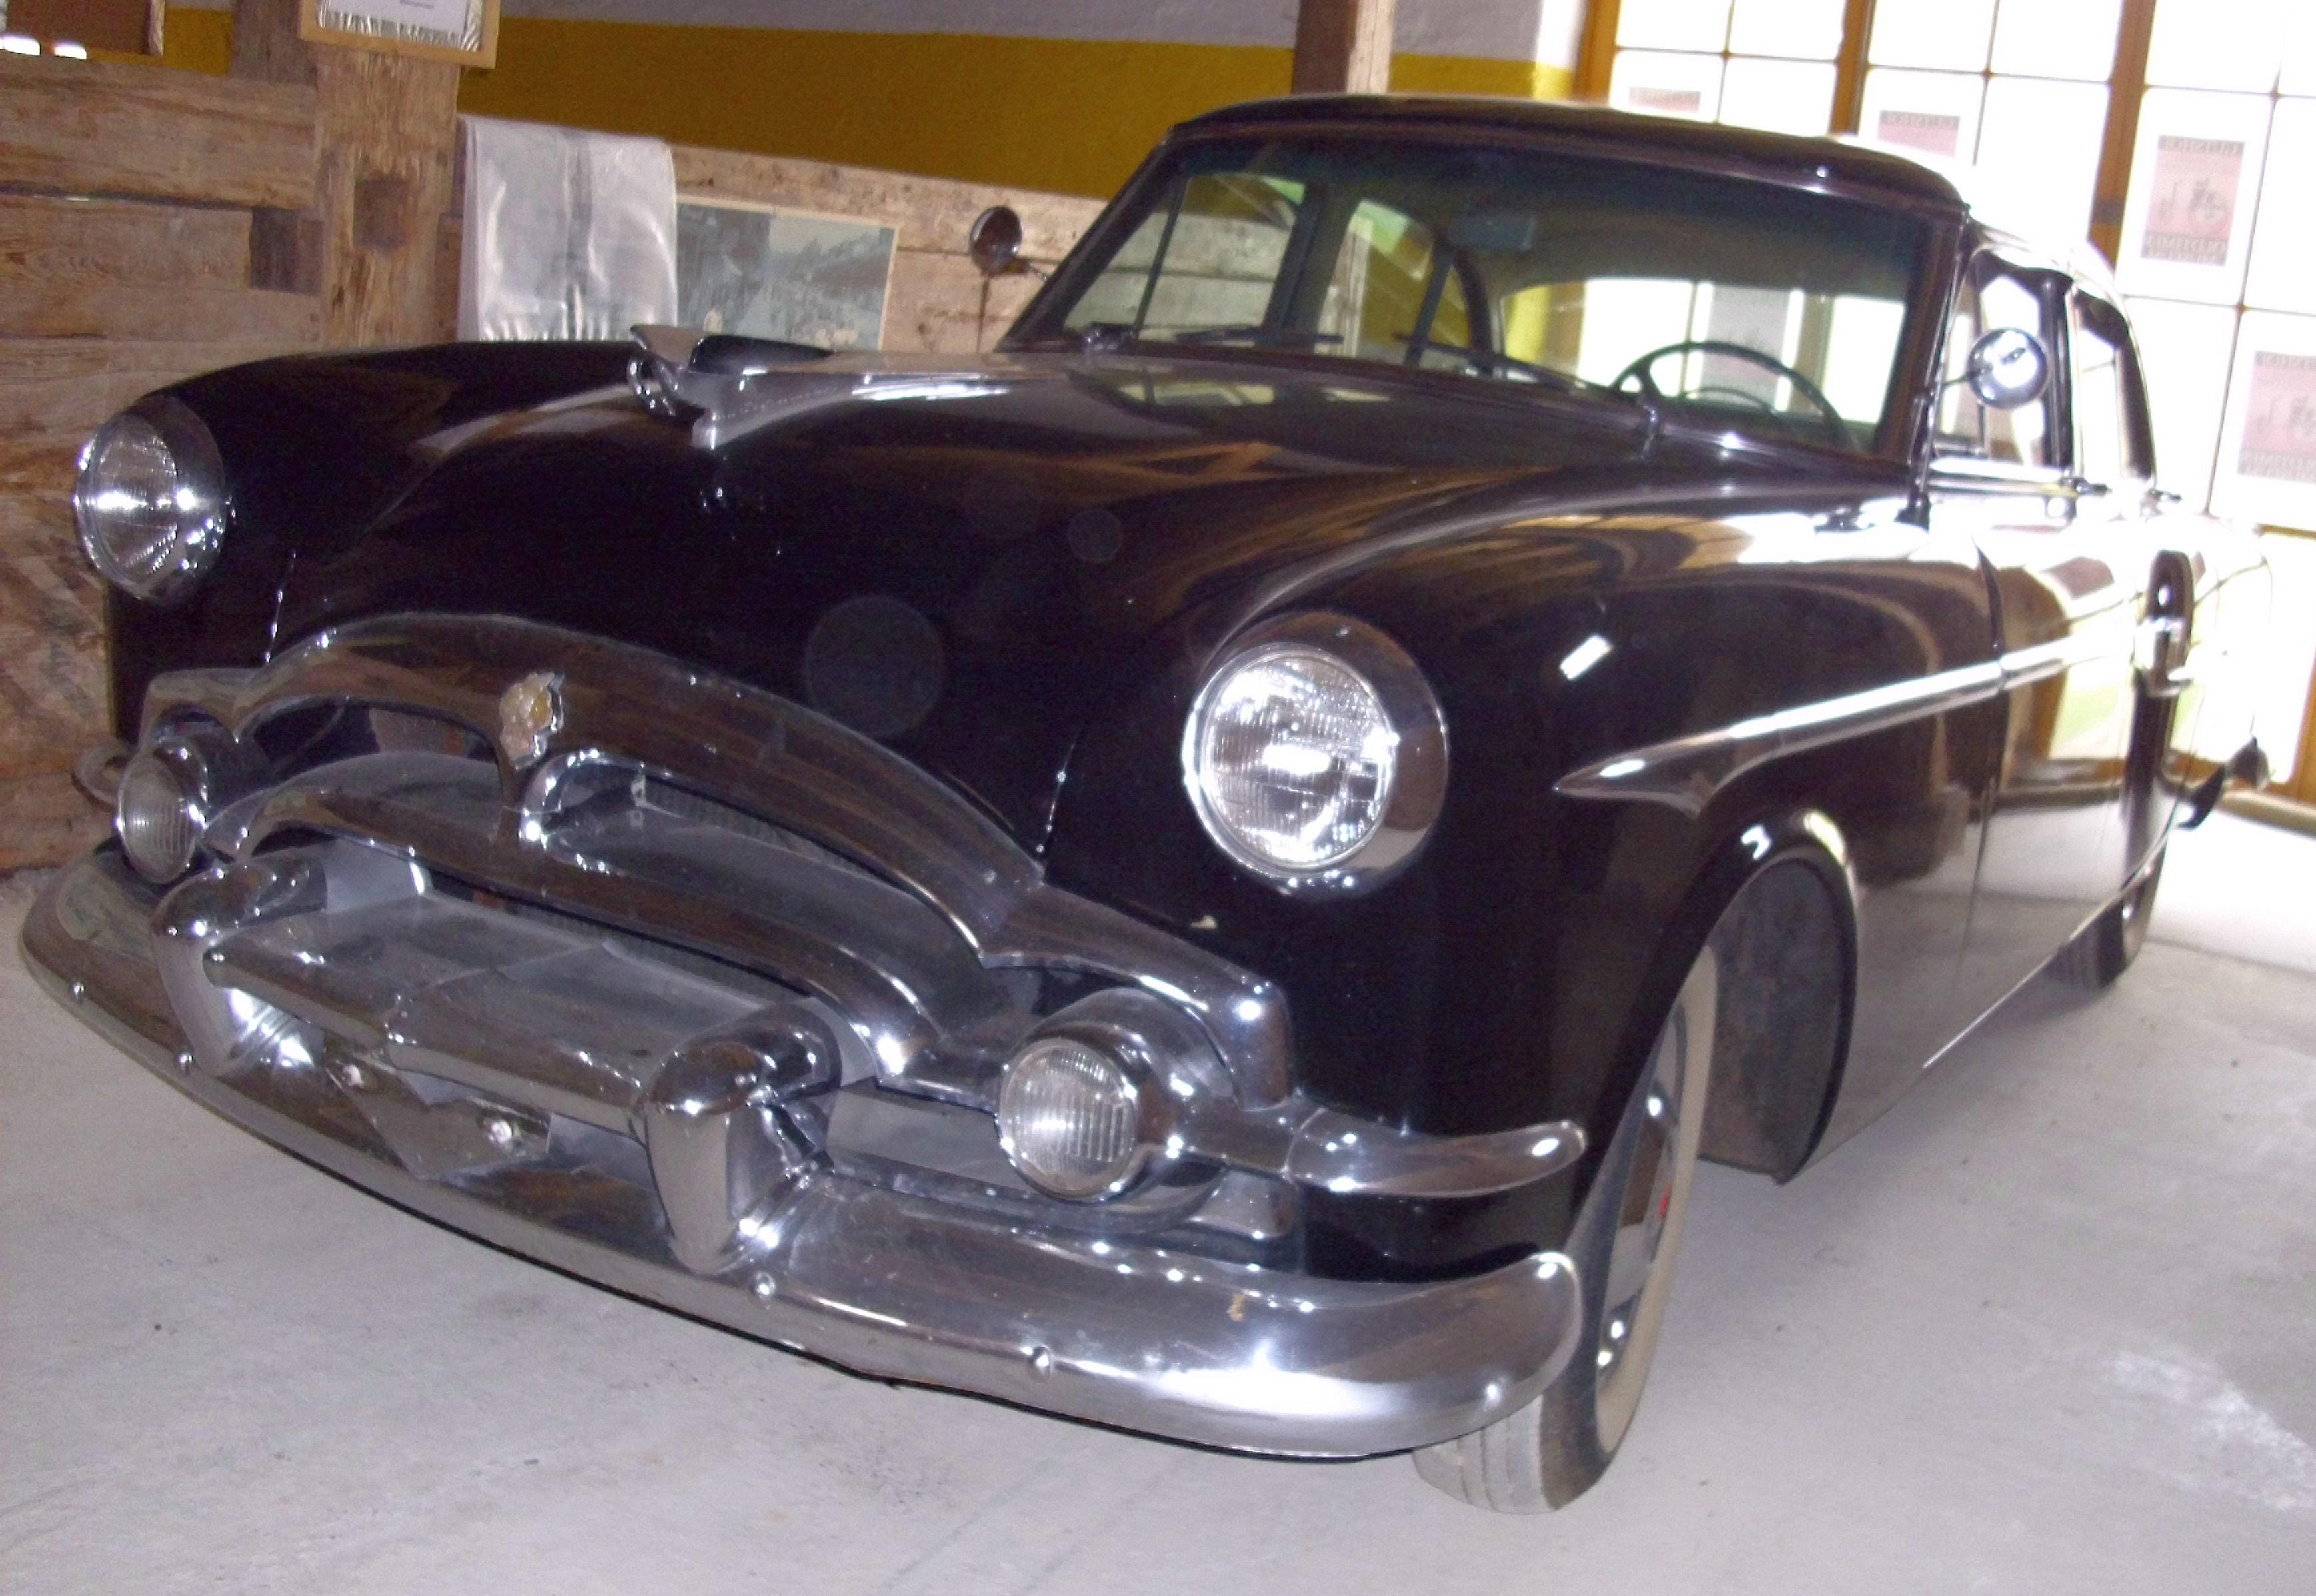 File:Packard Clipper Deluxe Touring Sedan Model 2662 1953.JPG